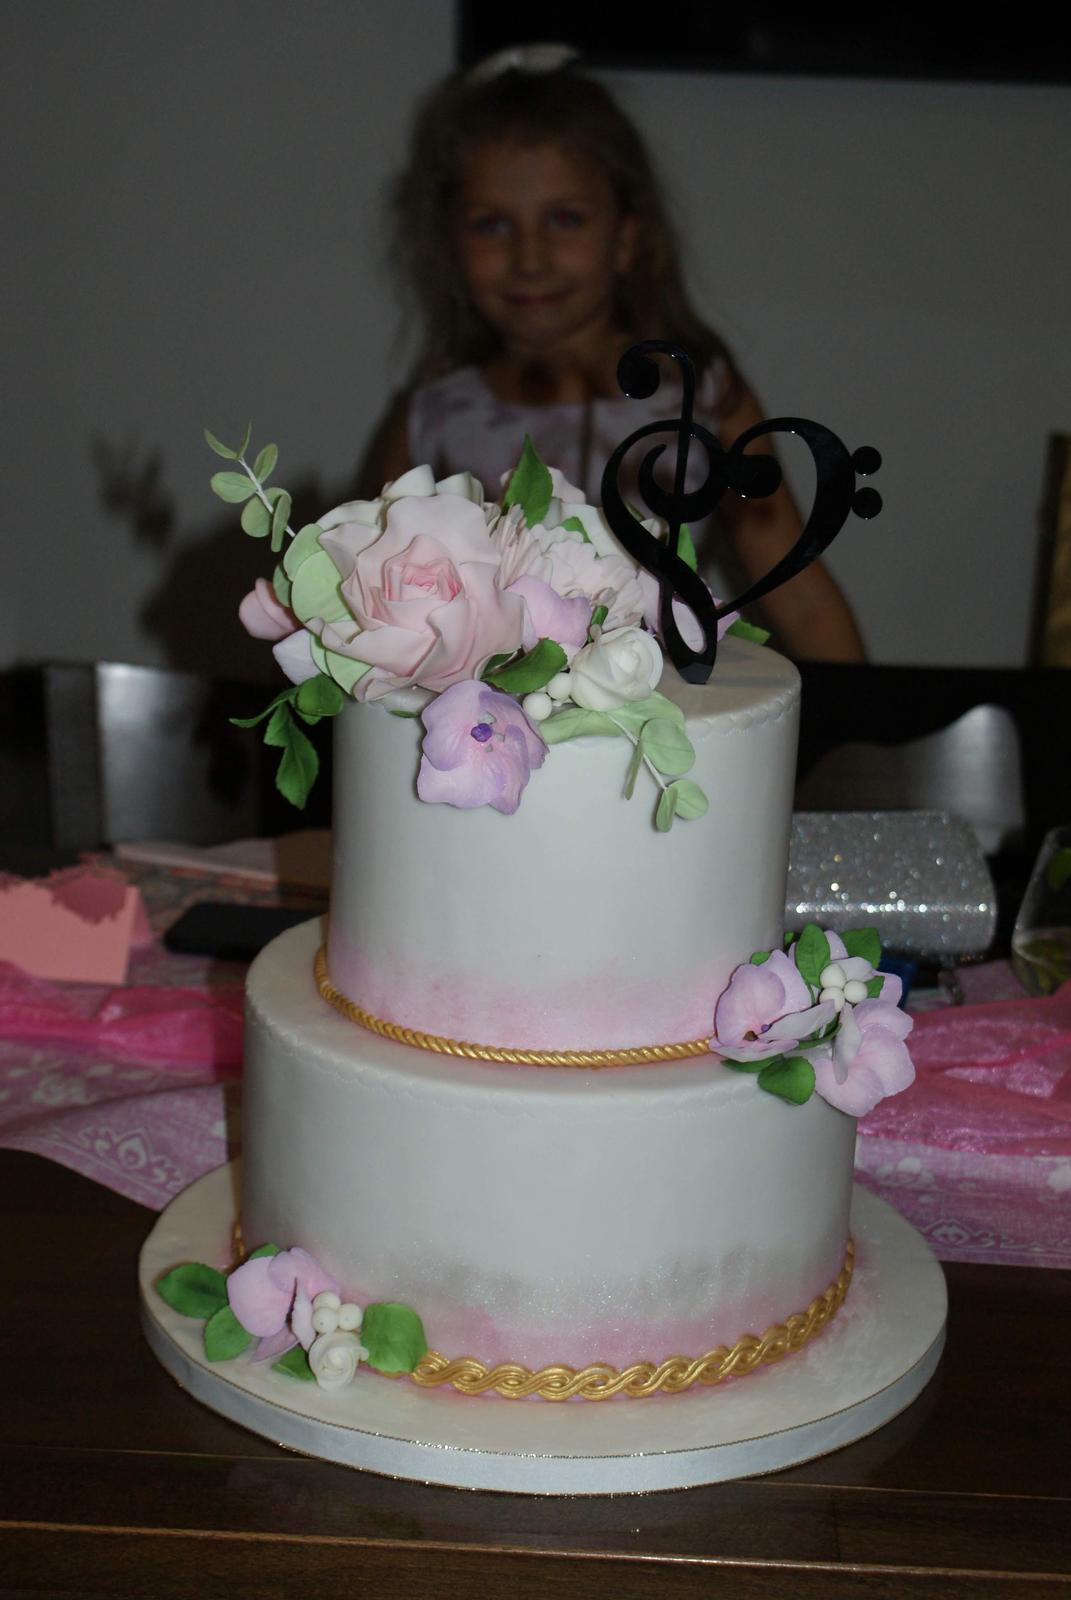 Ivka{{_AND_}}Jožko - Vynikajúca tortička aj s malou modelkou ;-)